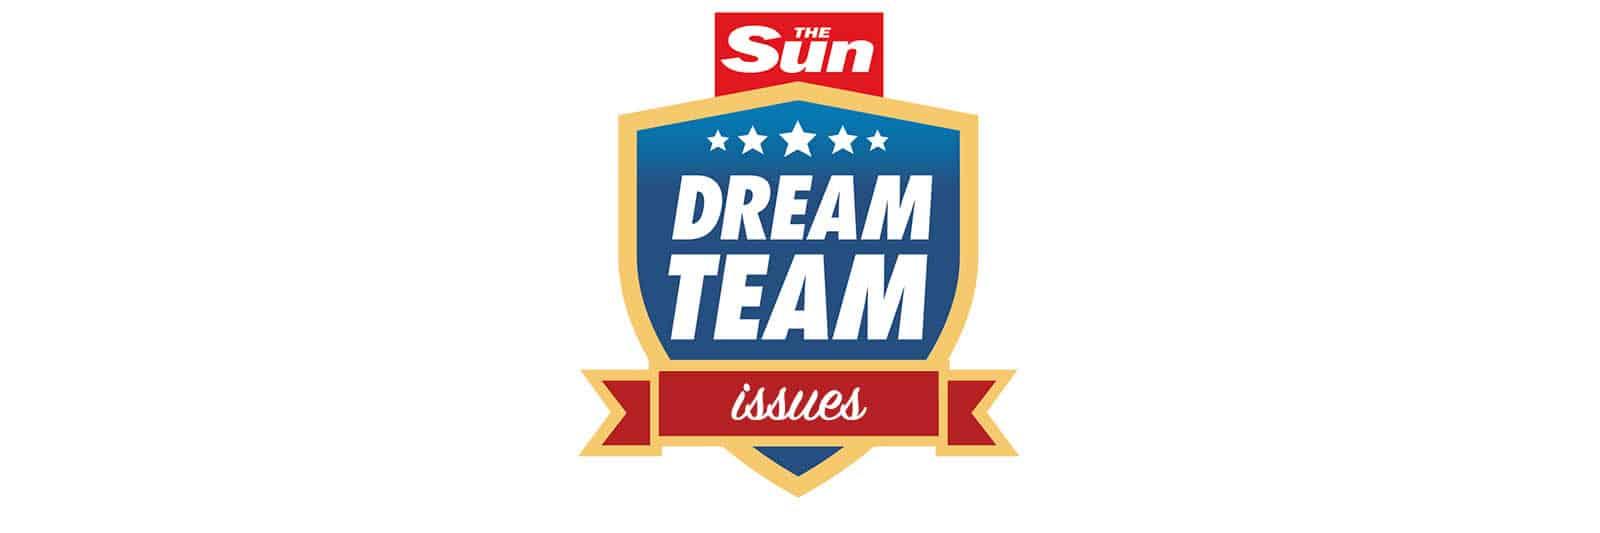 sun-dream-team-issues